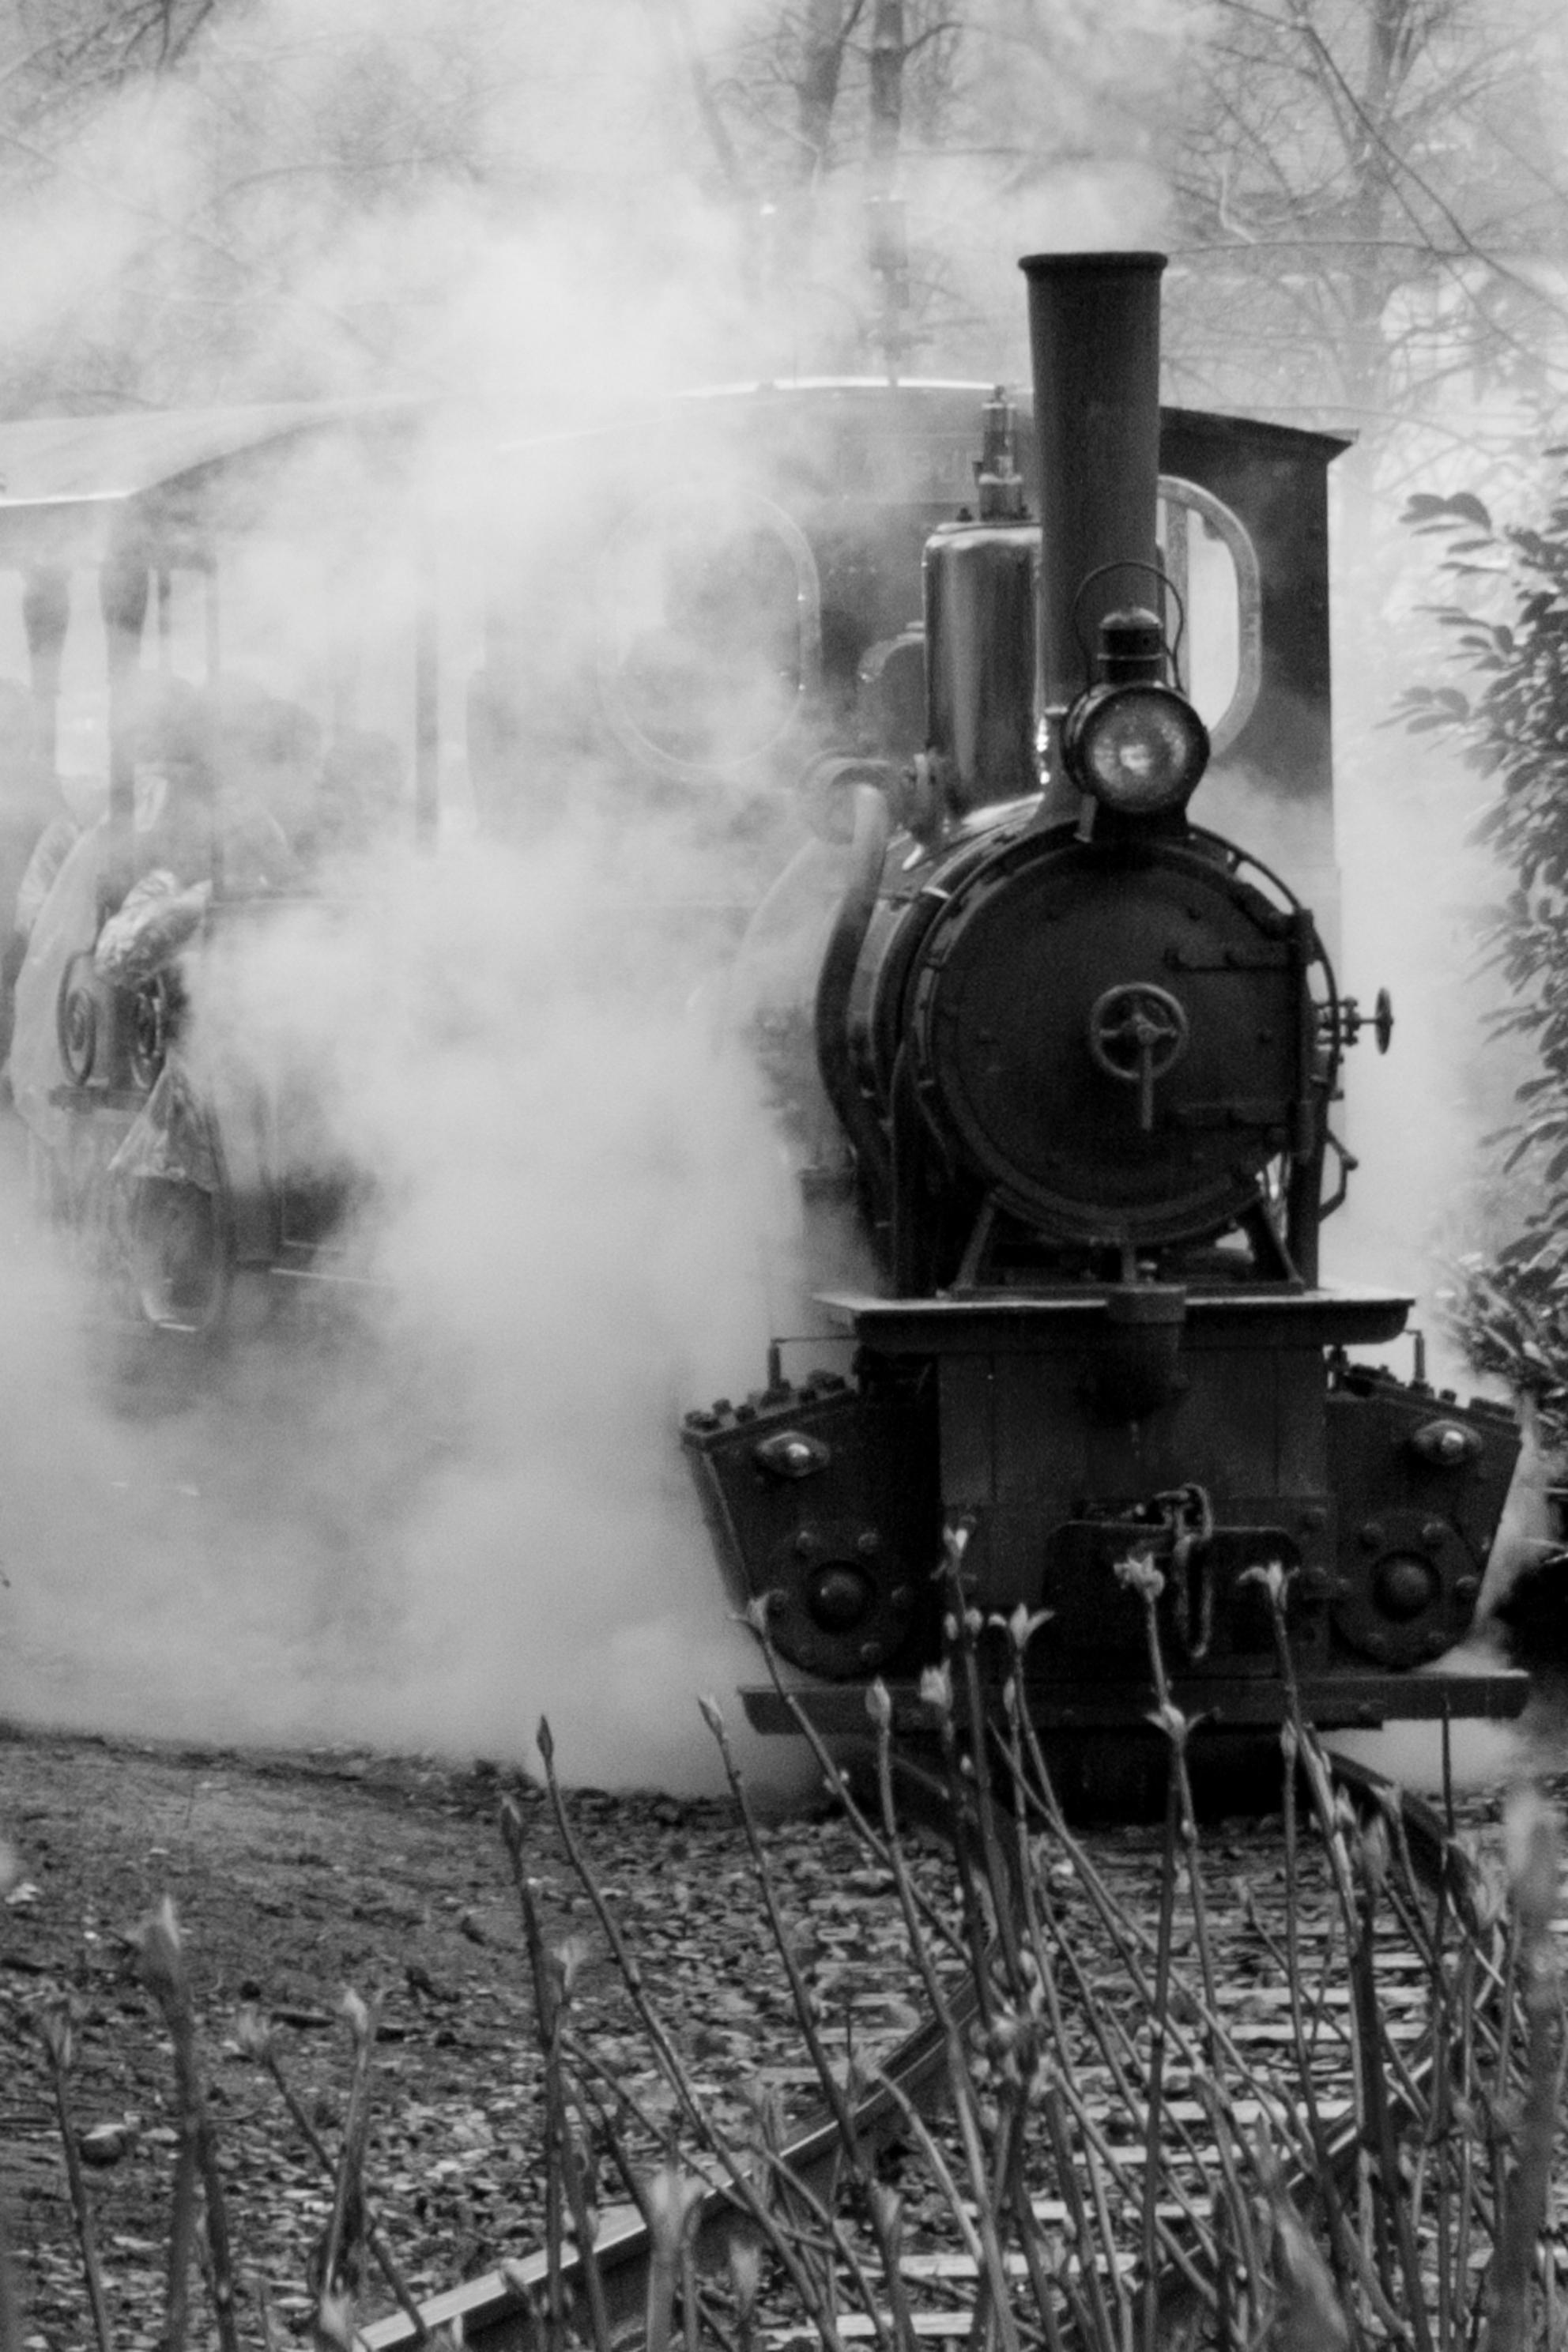 Stoomlocomotief - Stoomlocomotief Efteling - foto door Tinnegieter op 01-04-2013 - deze foto bevat: trein, locomotief, stoomlocomotief, zwart wit - Deze foto mag gebruikt worden in een Zoom.nl publicatie